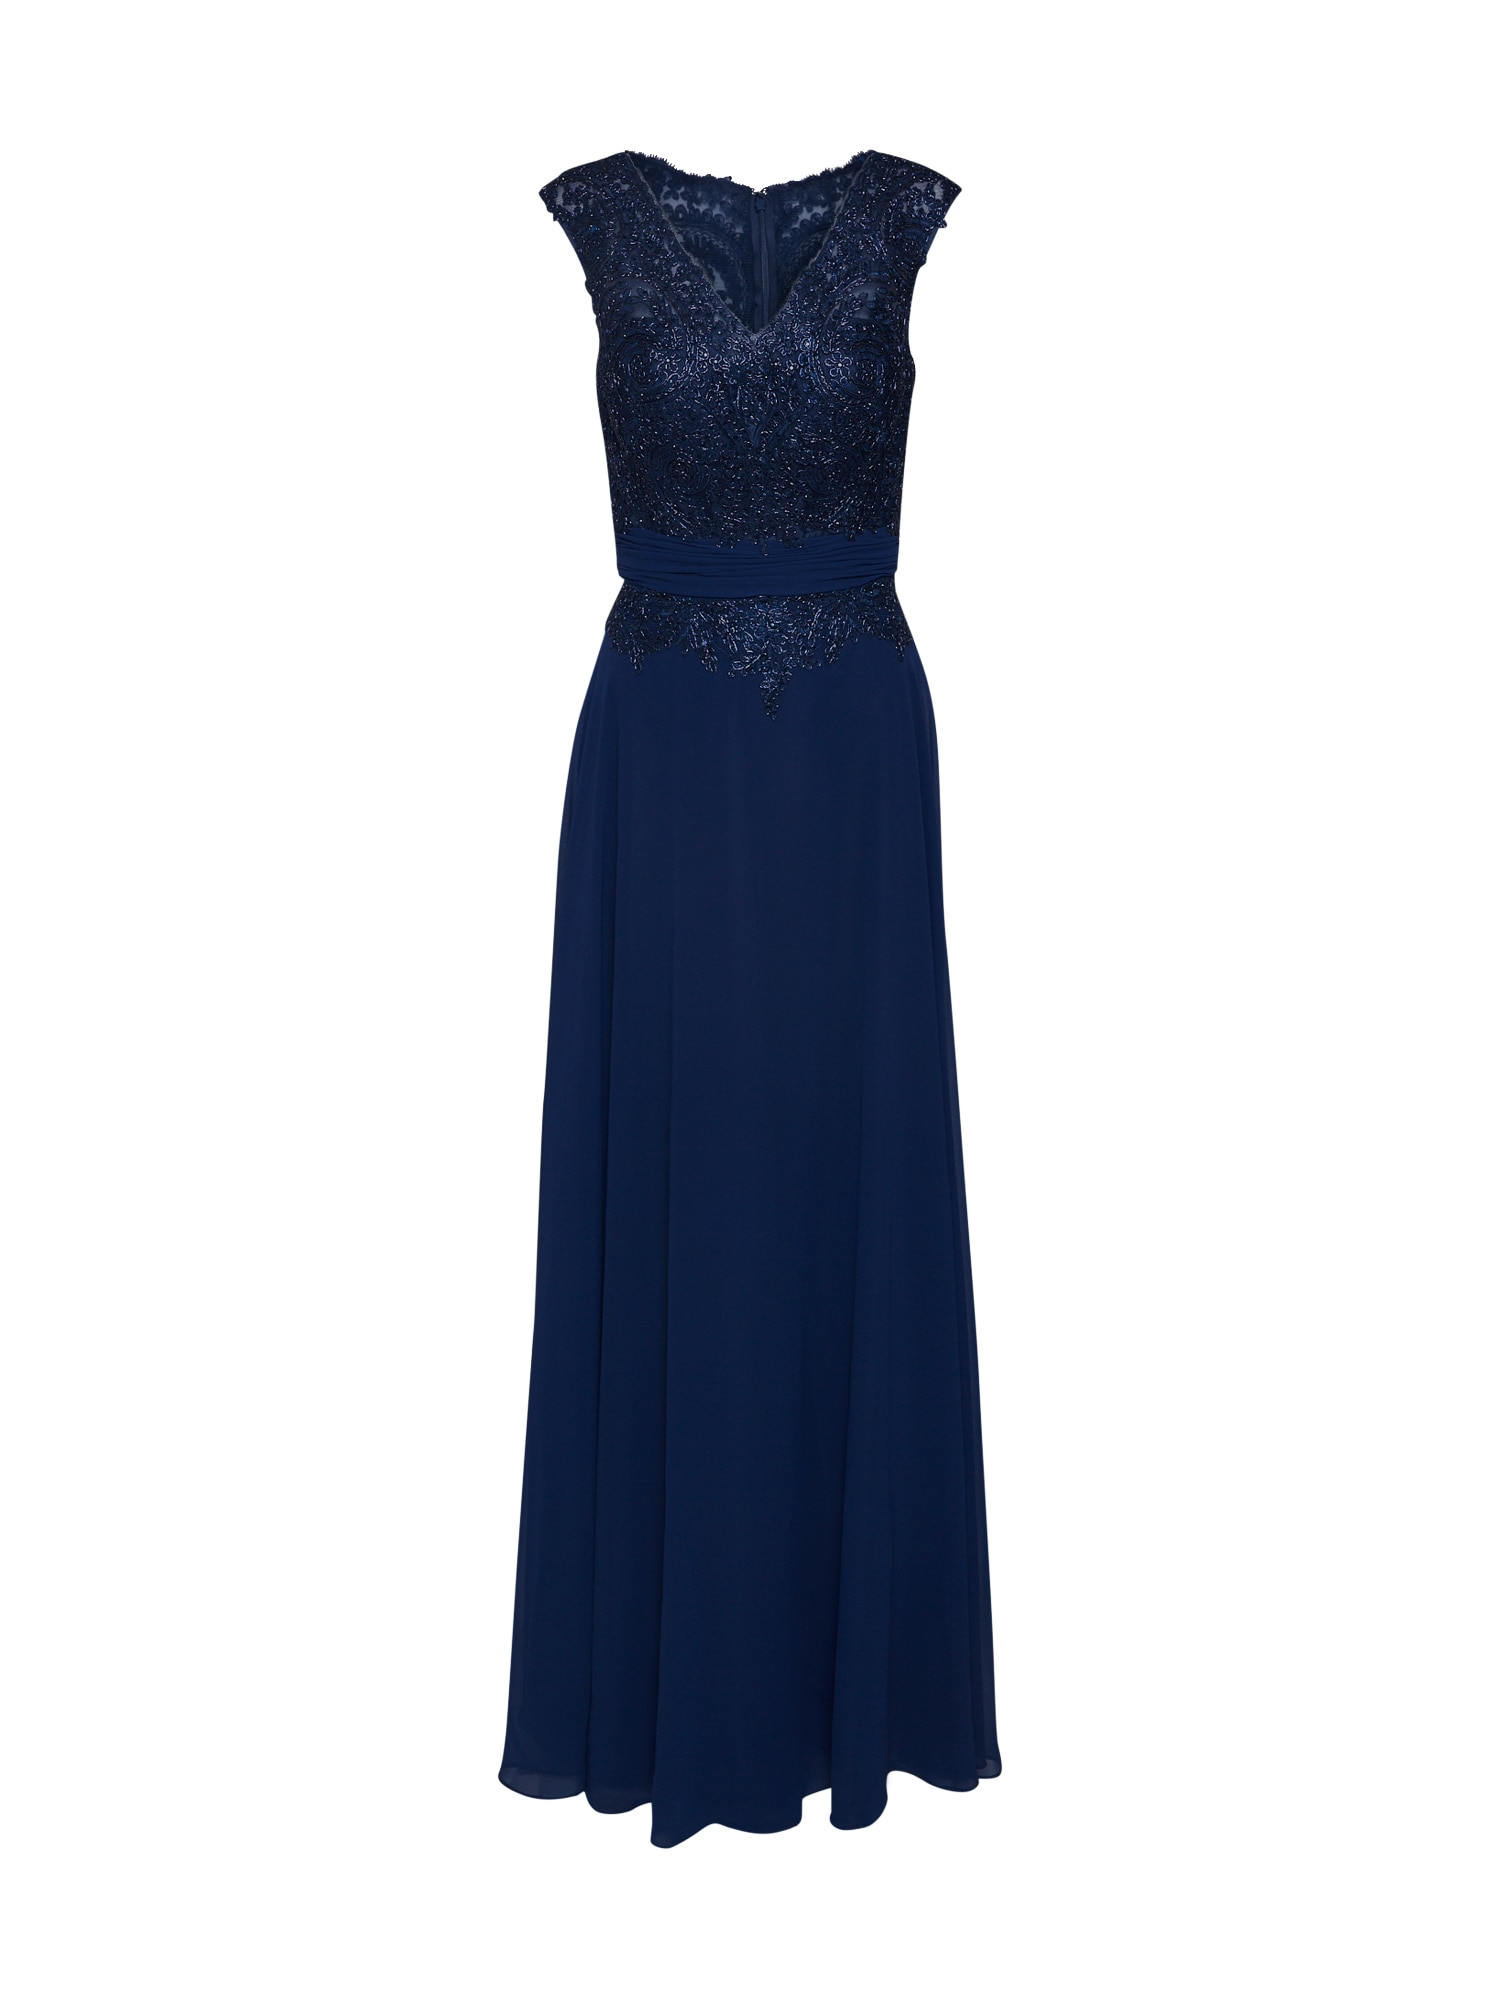 LUXUAR Vakarinė suknelė nakties mėlyna